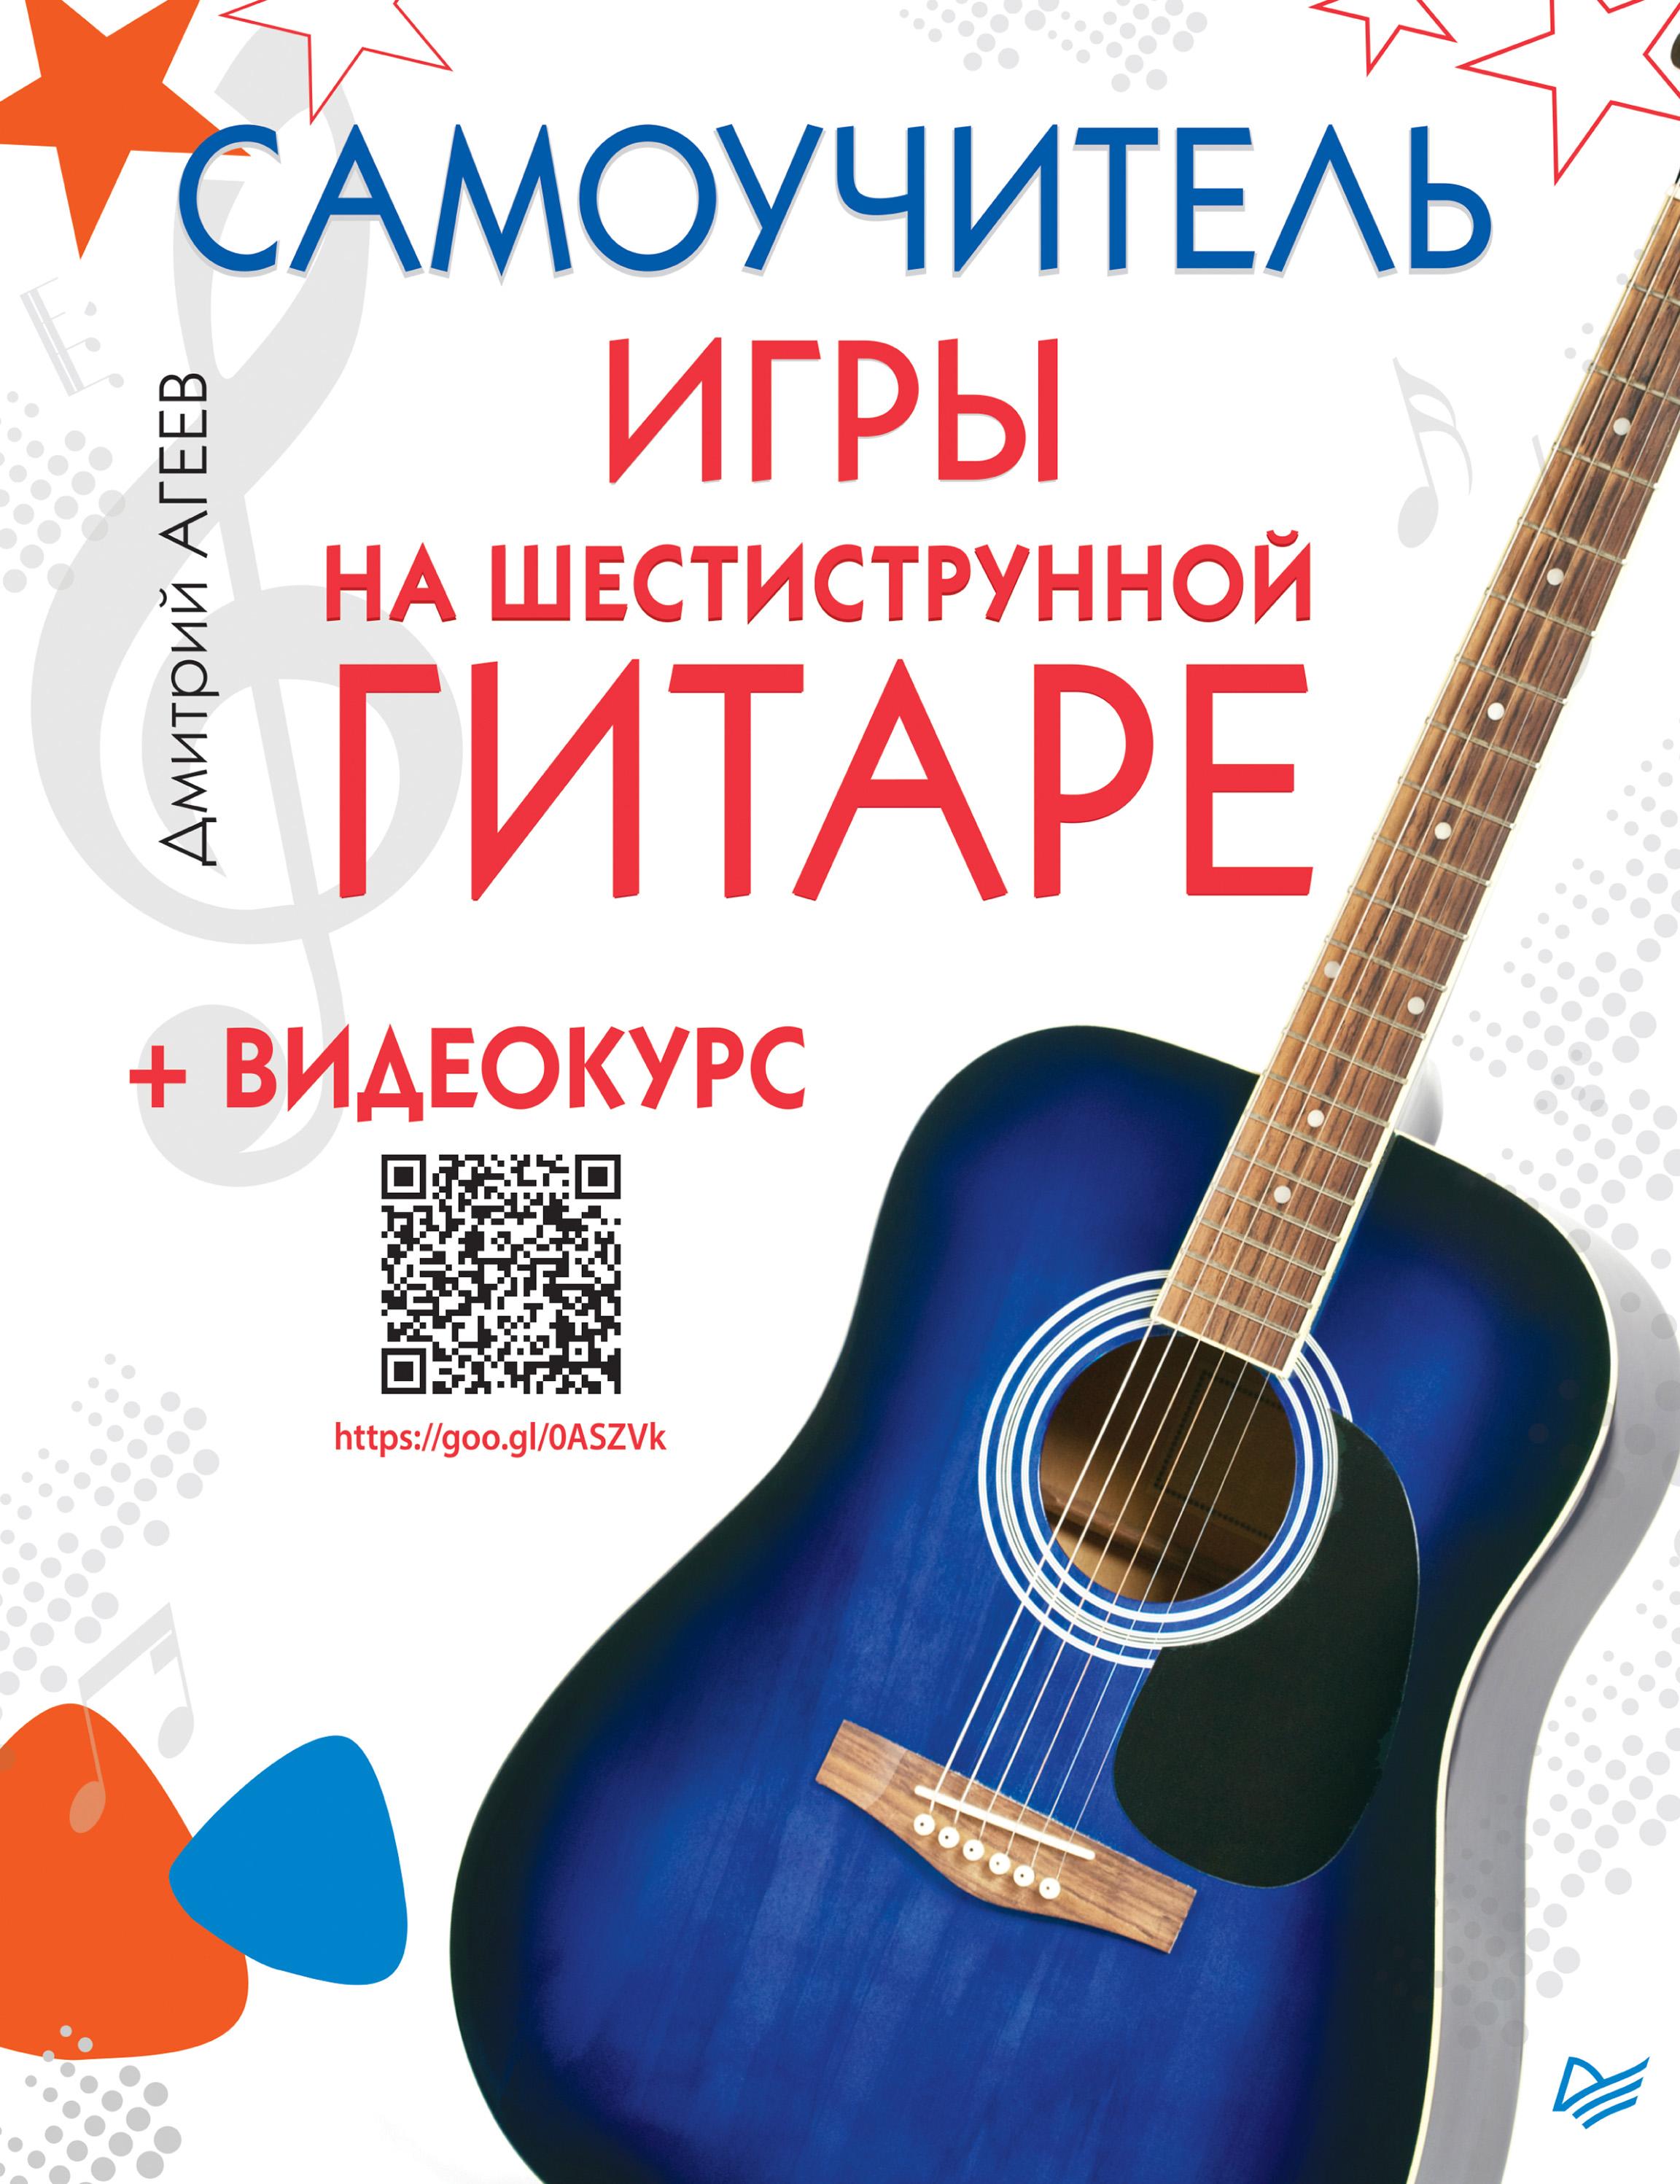 Дмитрий Агеев Самоучитель игры на шестиструнной гитаре (+ видеокурс) агеев д самоучитель игры на электрогитаре аудиокурс по ссылке